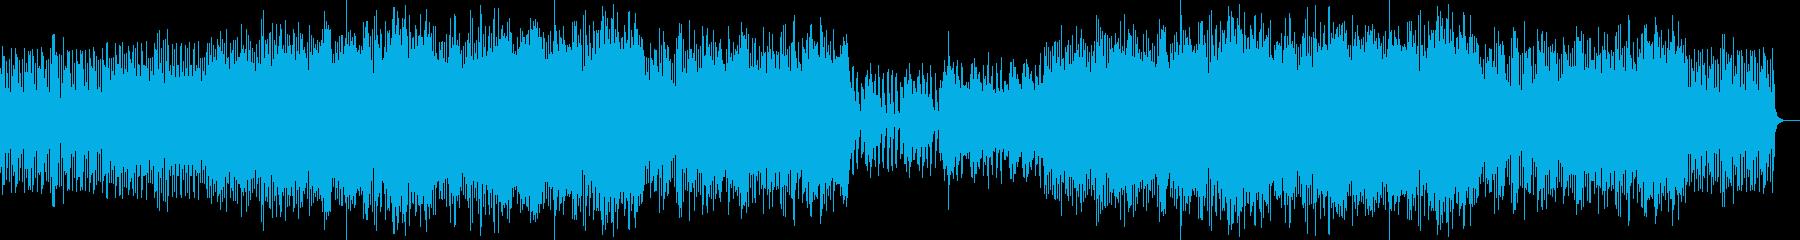 ほのぼのしたピアノとオーケストラの再生済みの波形